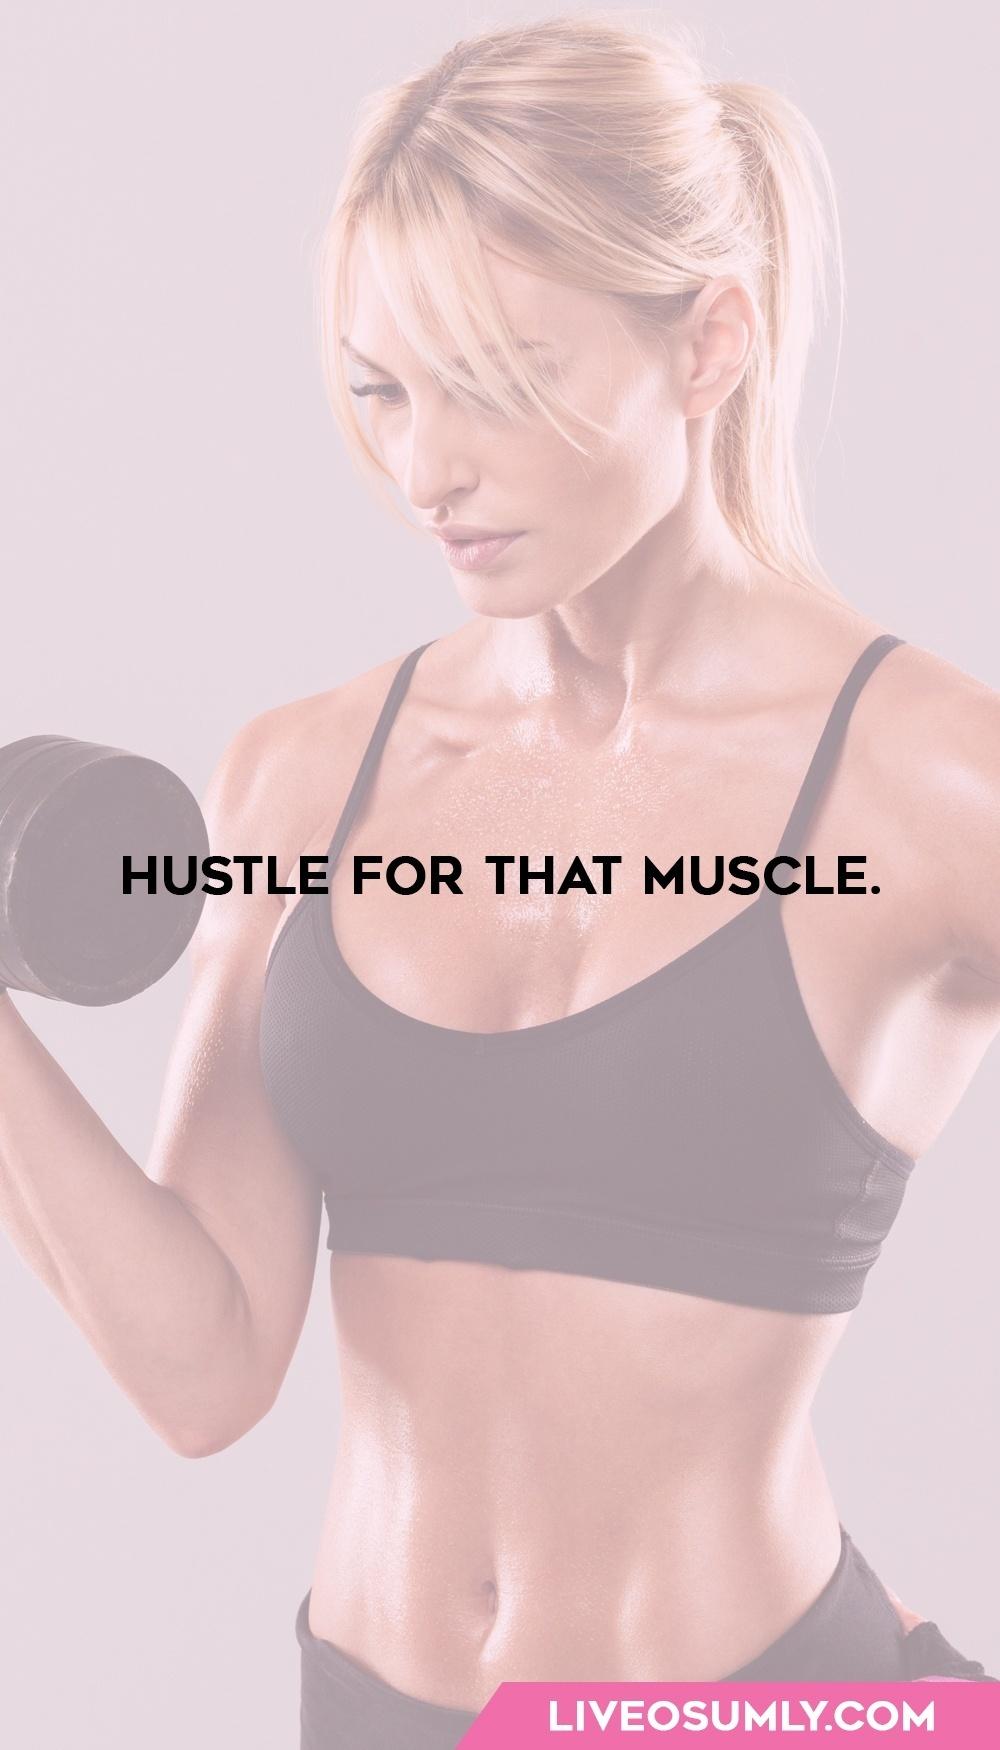 16. Fitness freak quotes